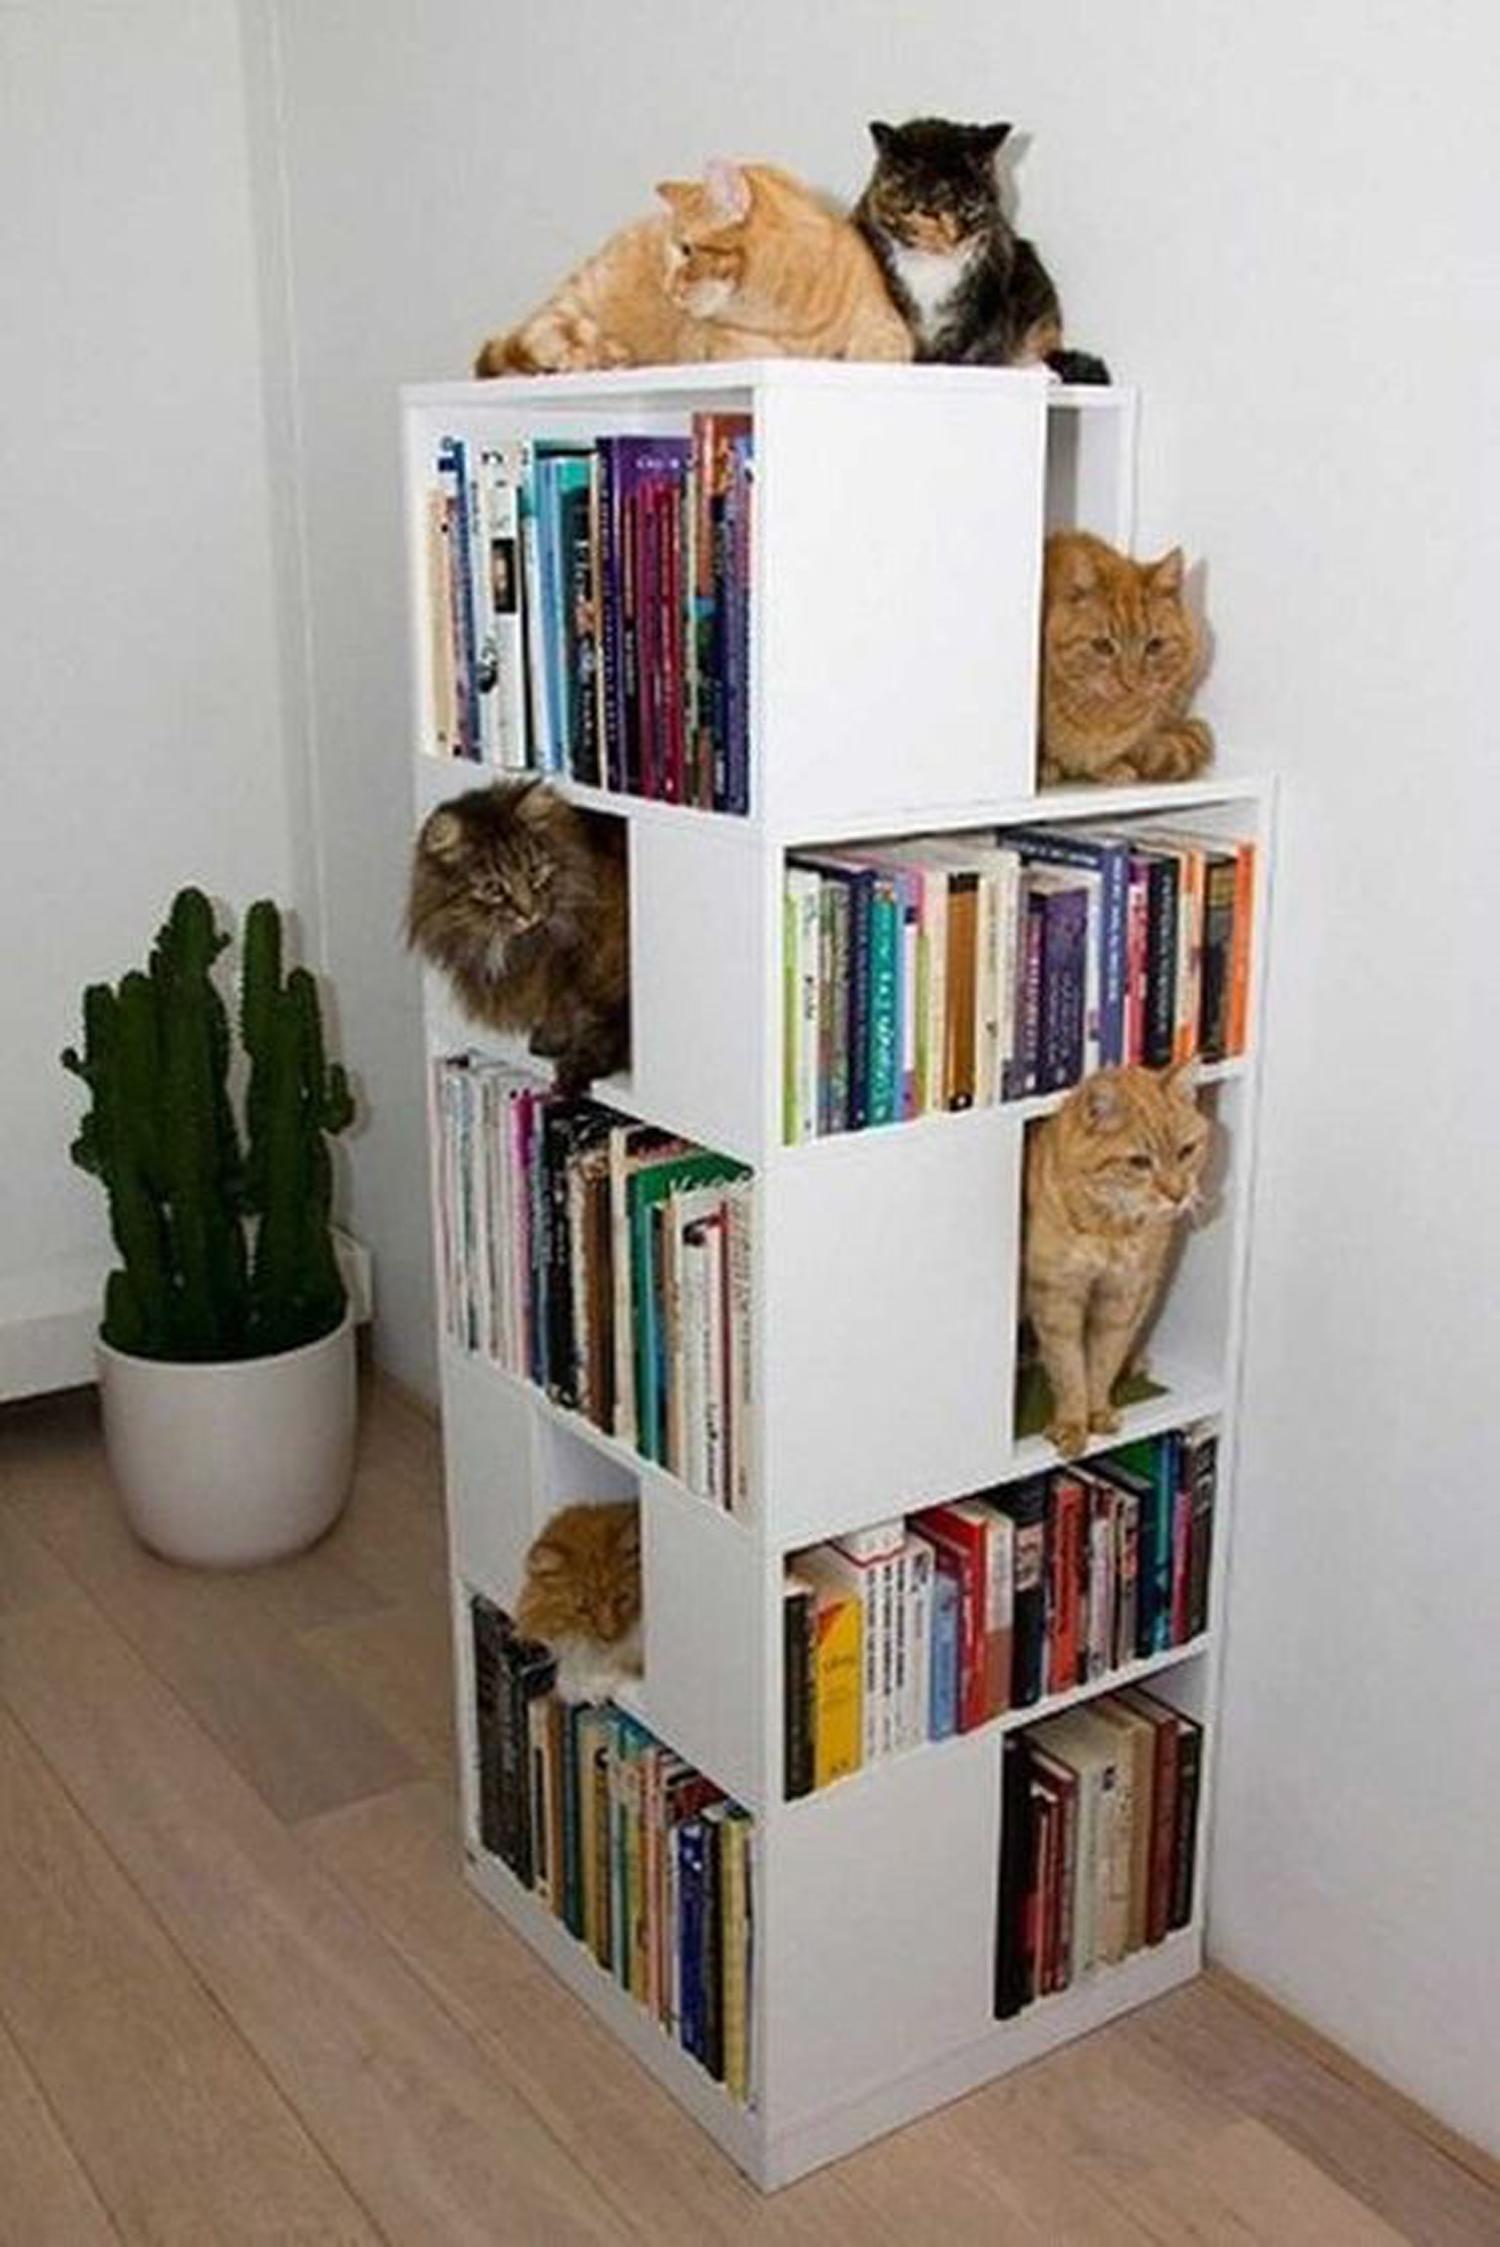 Αν έχεις περισσότερες γάτες από ότι βιβλία